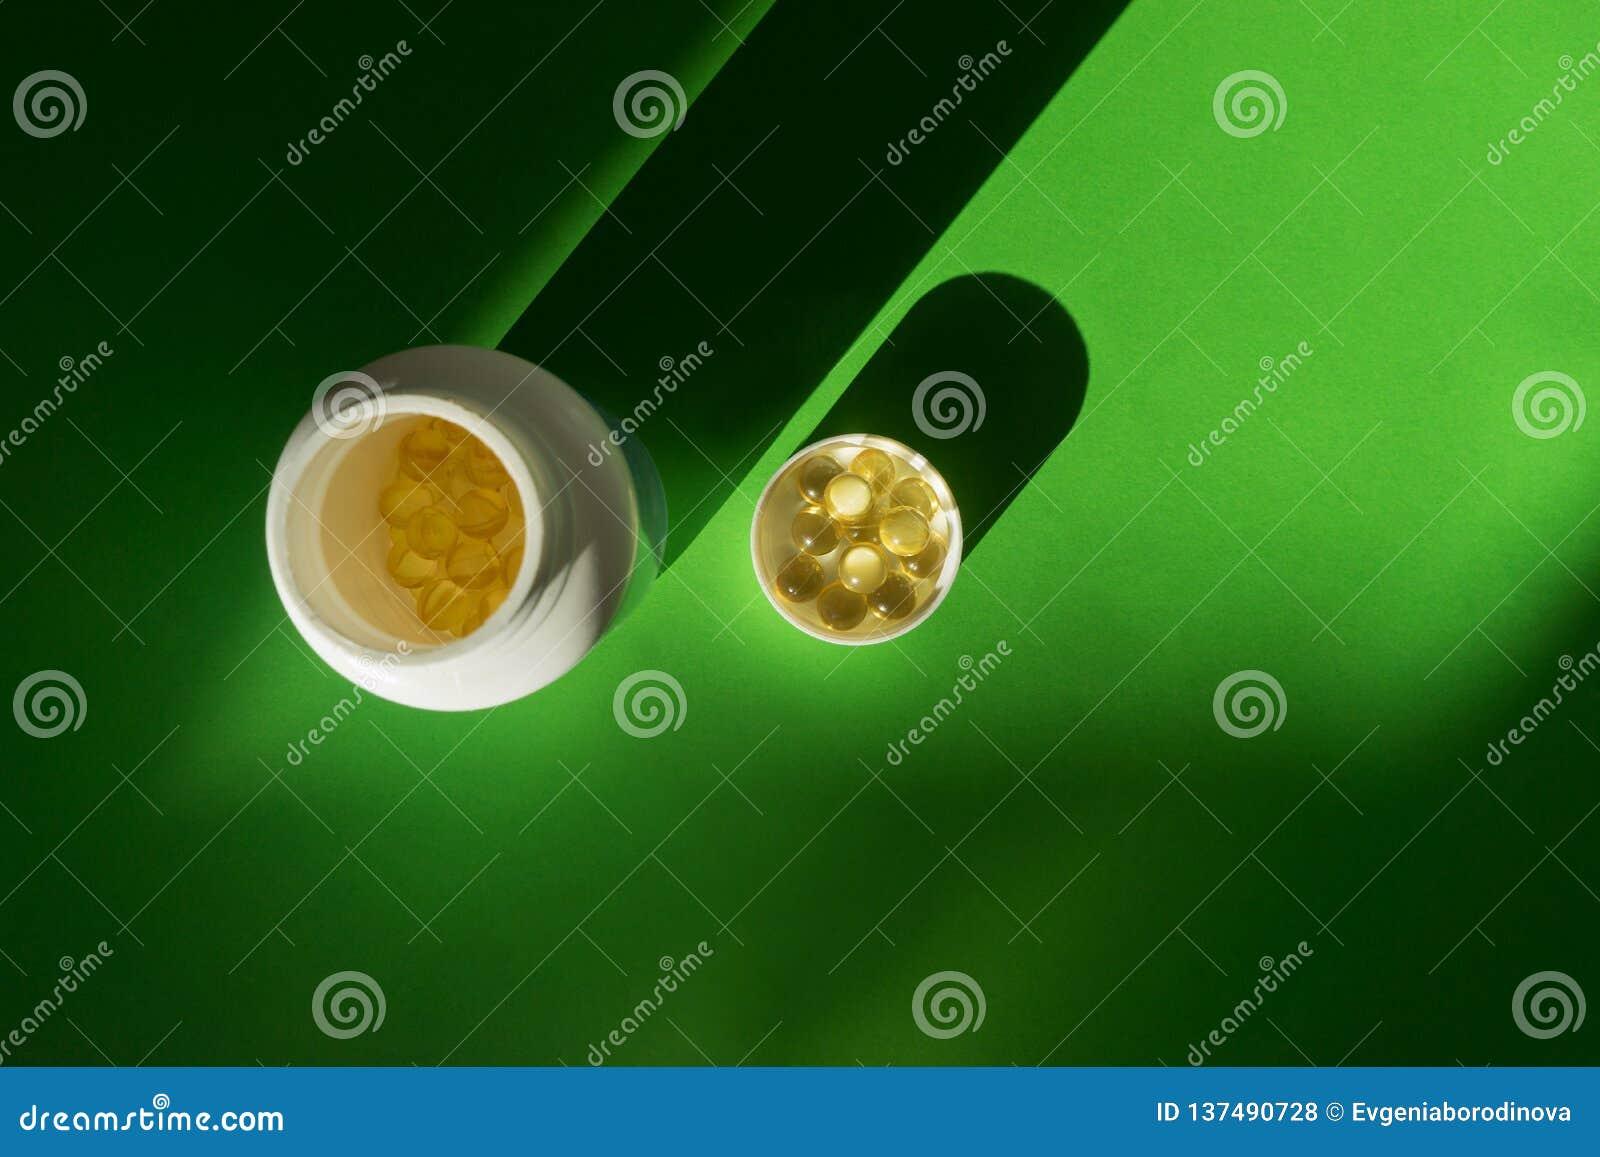 Stäng sig upp av mattilläggolja - fyllda kapslar som är passande för: fiskolja, omega 3, omega 6, omega 9, nattljus